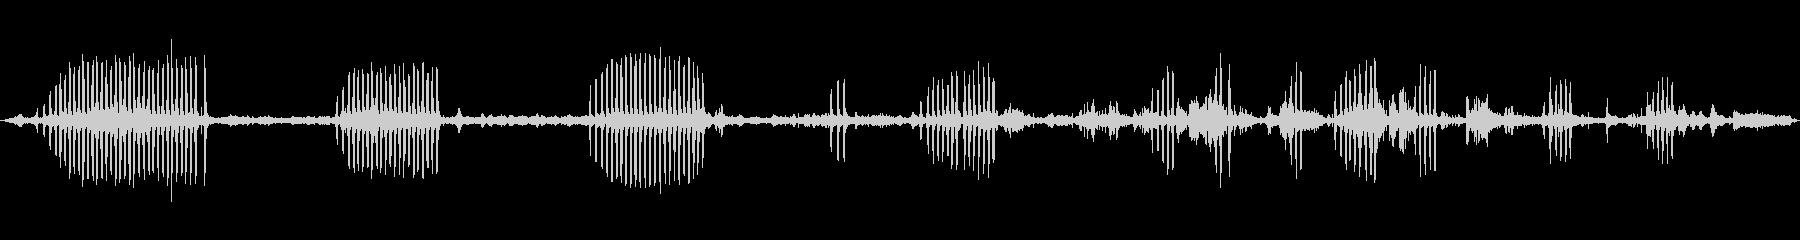 環境音 川の夜明けの鳥を閉じる02の未再生の波形